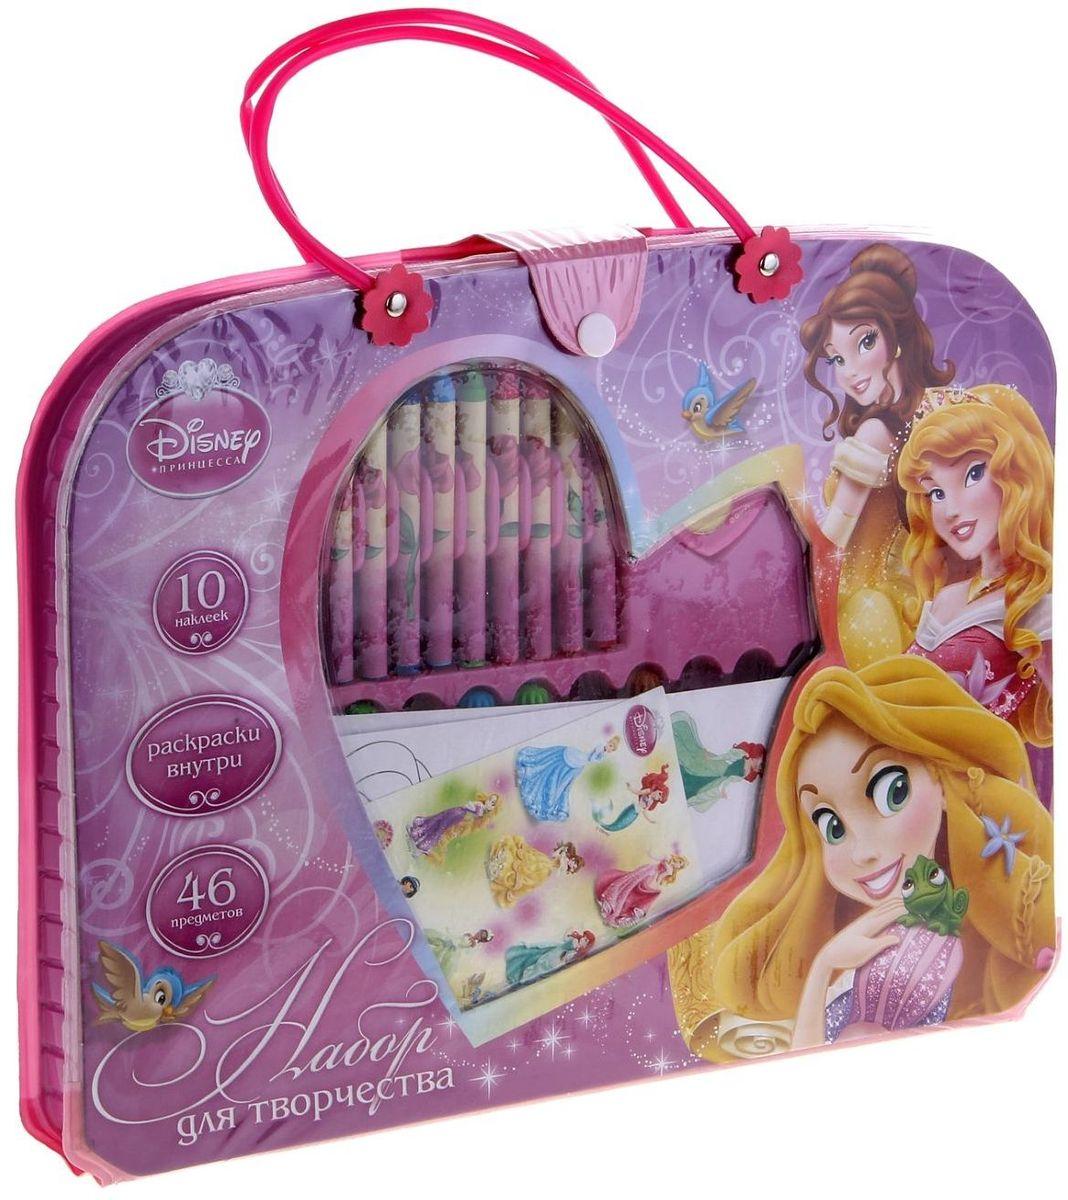 Disney Набор для творчества Принцессы 46 предметовFS-36054В набор входит:12 цветных фломастеров,12 восковых мелков,раскраска 5 шт,наклейки 10 шт,ластик,точилка,клей,линейка,набор скрепок,стикер,1 сумочка-футляр.Дополнительная ценность - оригинальная сумочка, куда поместится содержимое набора+ раскраски и наклейки в комплекте.